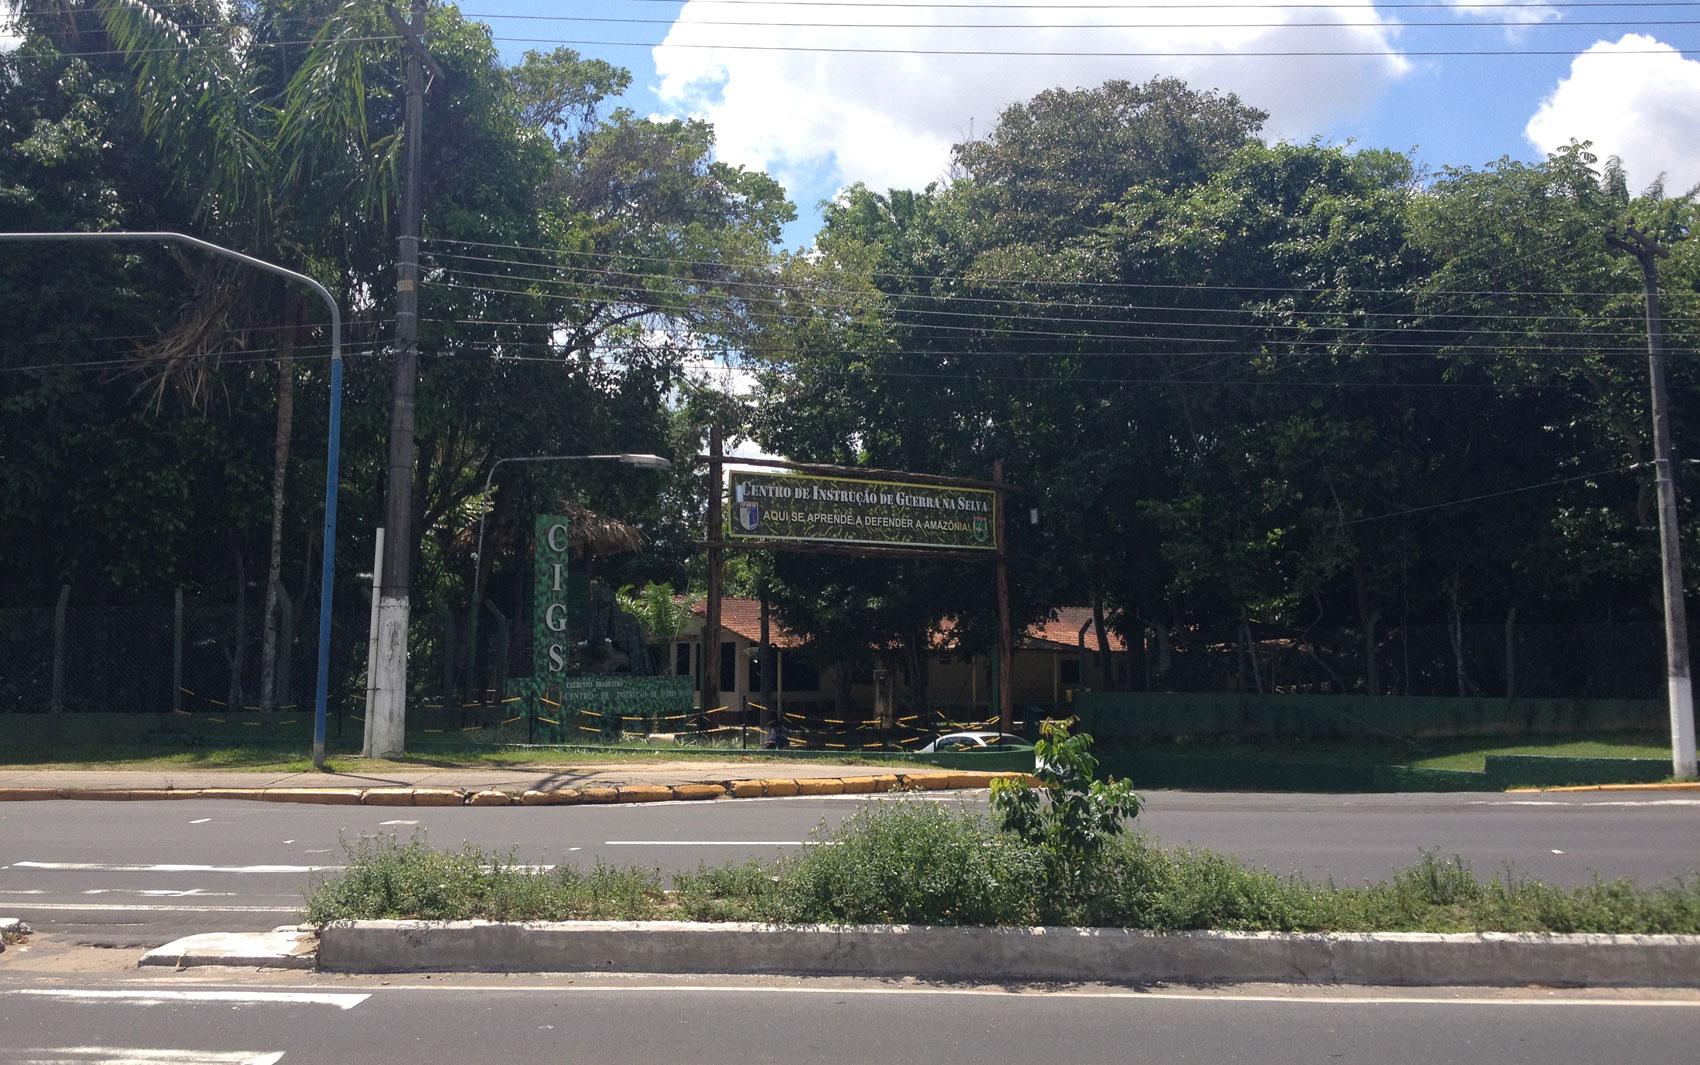 Entrada do Centro de Instrução de Guerra na Selva (CIGS), em Manaus. O símbolo do órgão militar é uma onça. A estátua do animal, no entanto, está coberta porque passa por reformas. Em 2 de março de 2014, o CIGS completará 50 anos de fundação